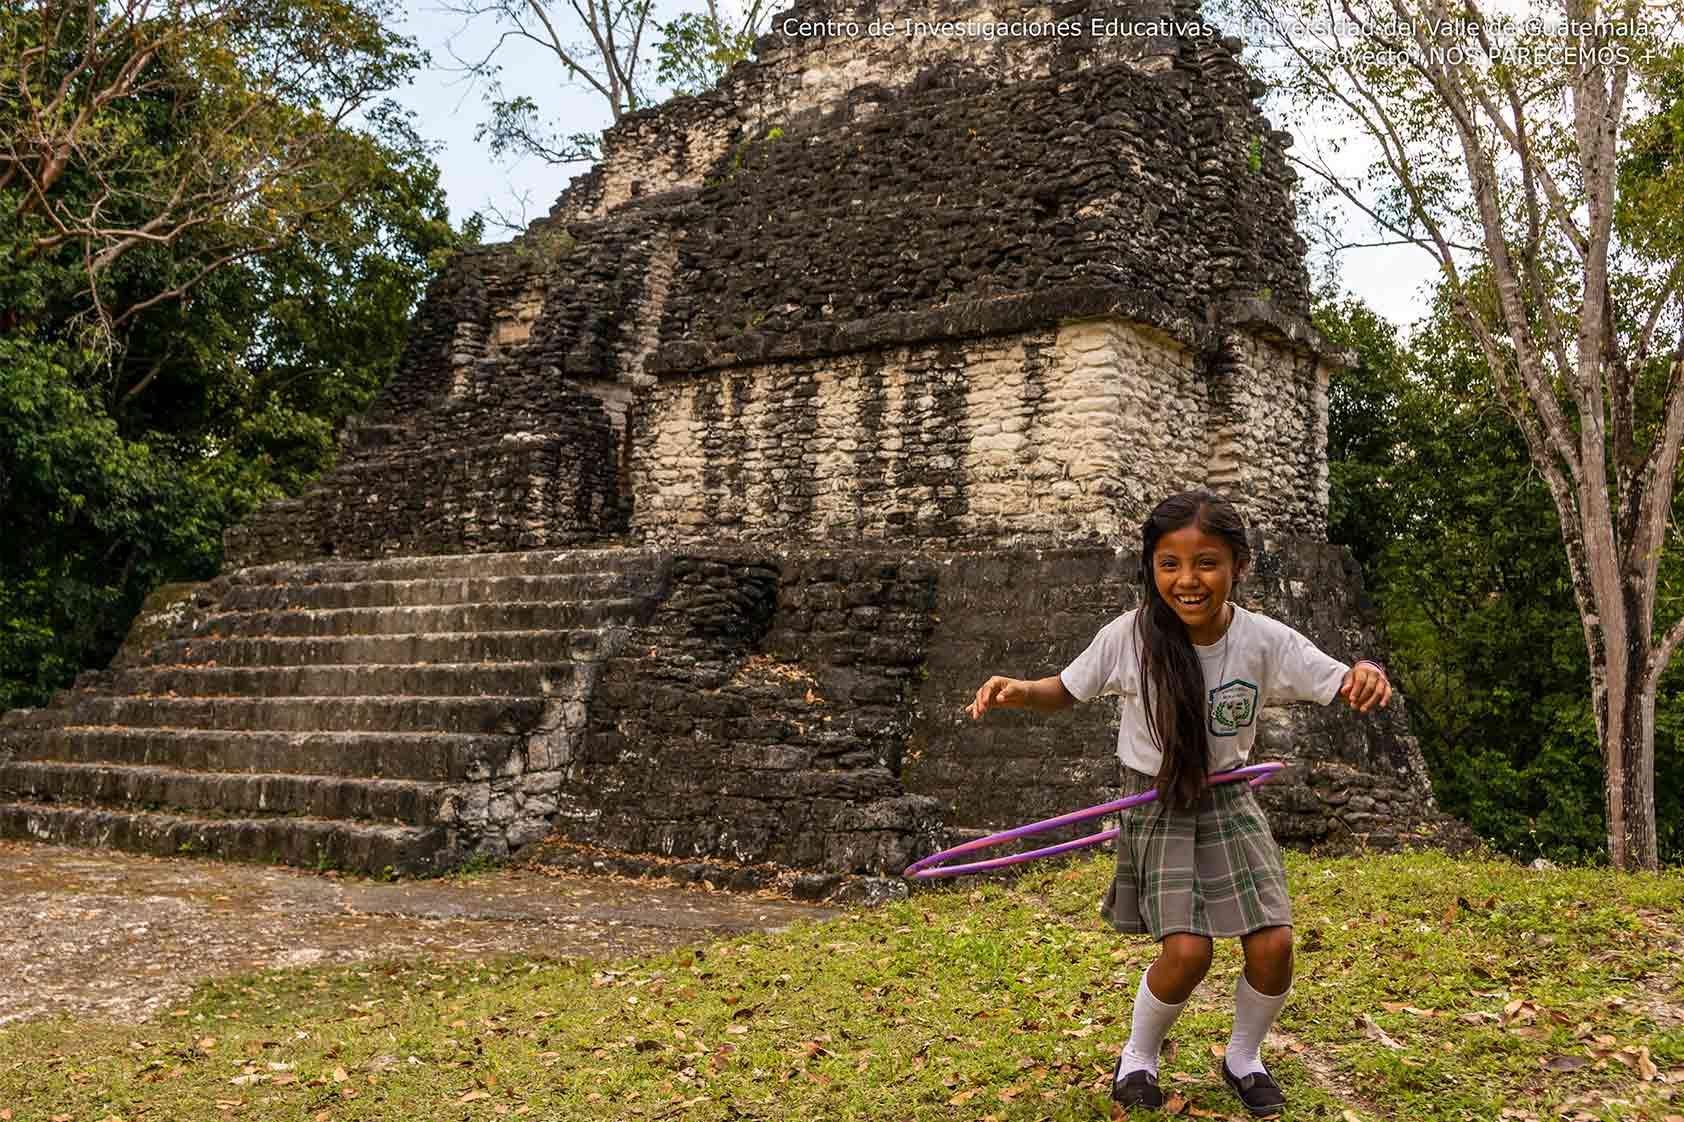 Uaxactún: conciencia ambiental captada de una forma diferente